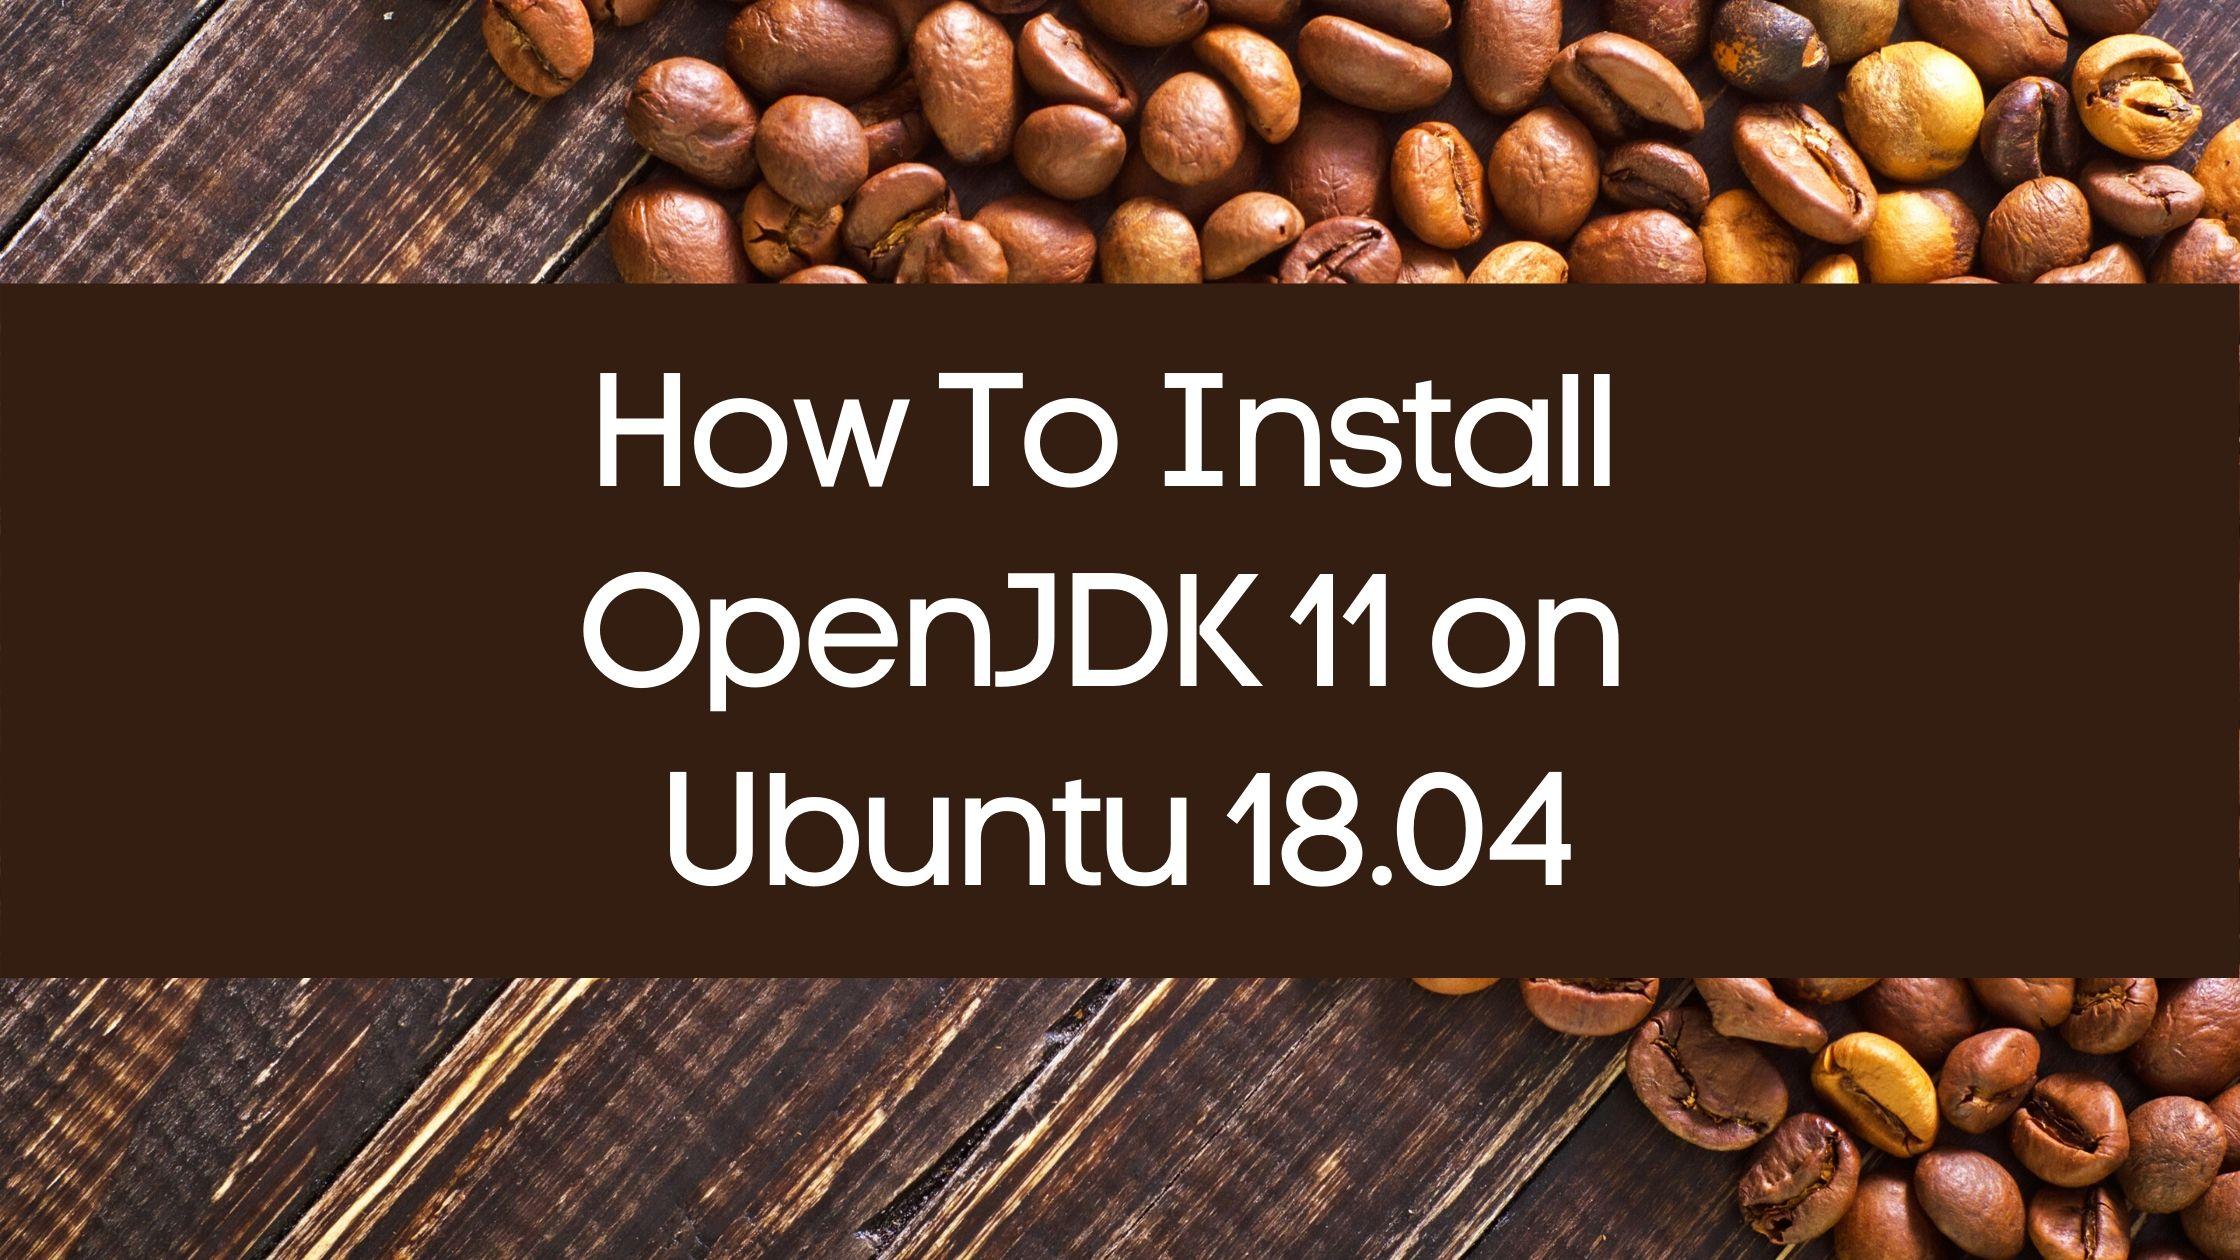 Install OpenJDK 11 Ubuntu 18.04